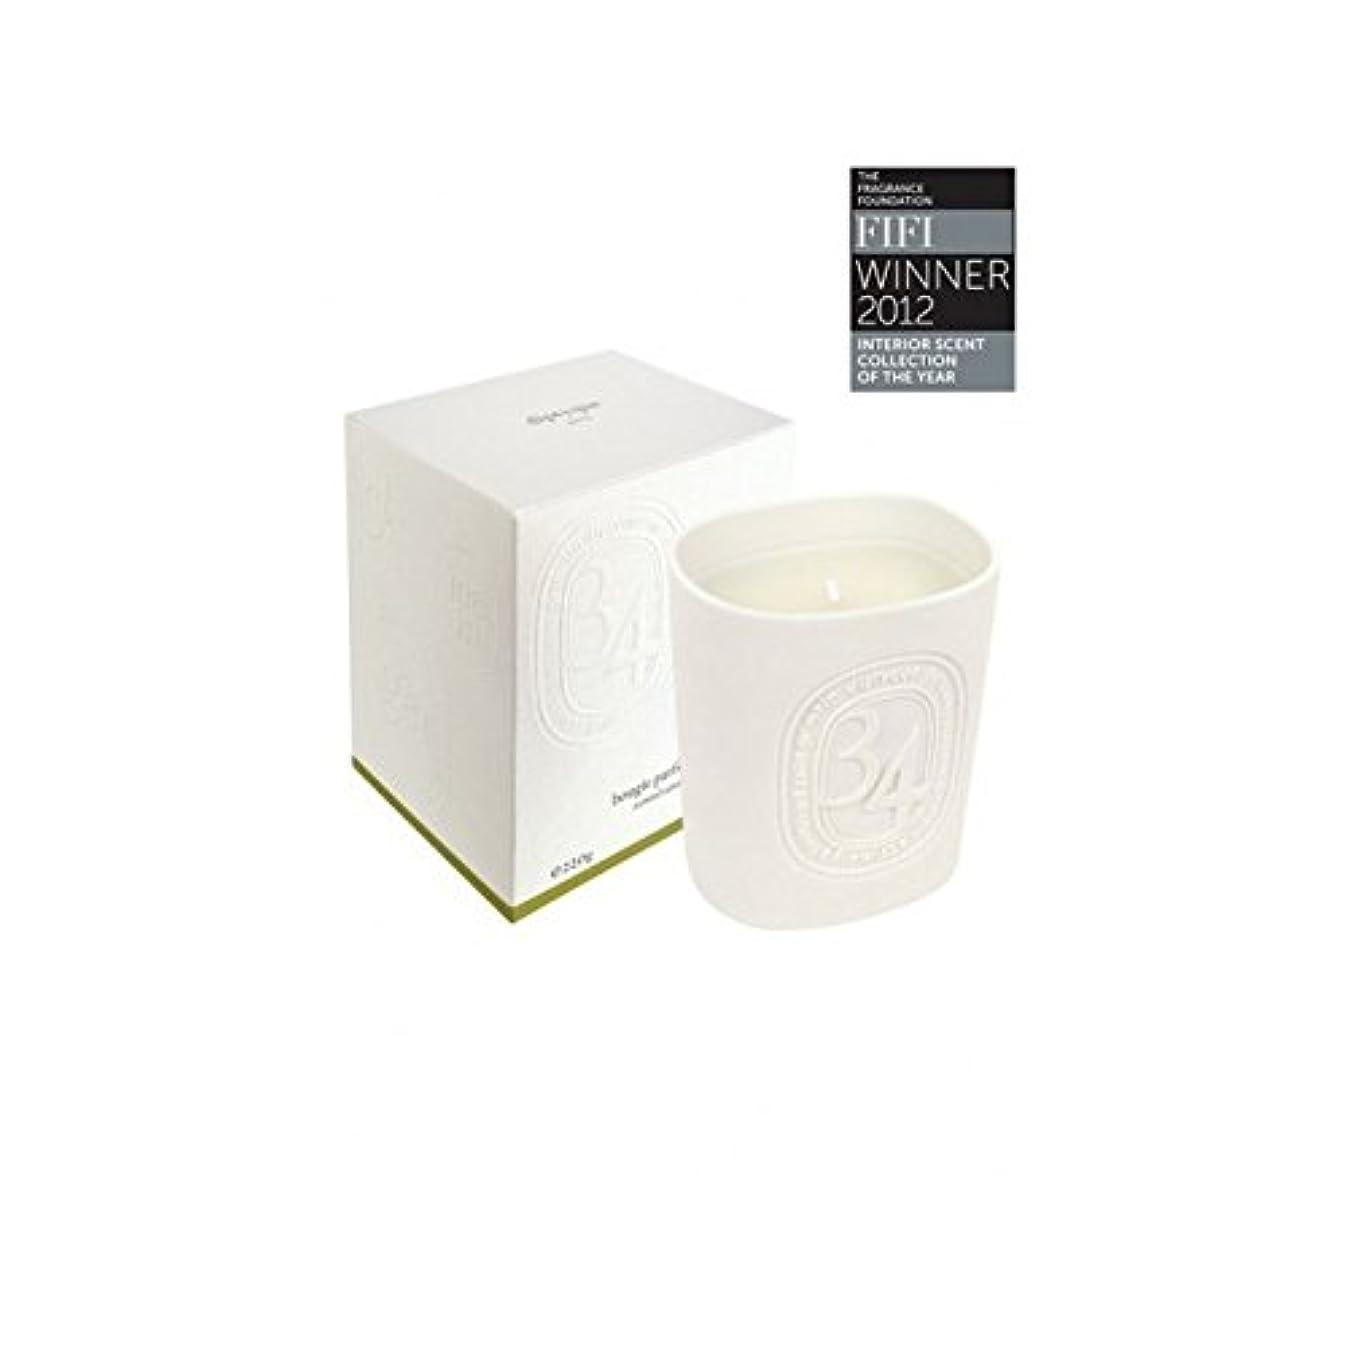 彼らの促す見通しDiptyque Collection 34 Boulevard Saint Germain Candle 220g (Pack of 2) - Diptyqueコレクション34大通りサンジェルマンキャンドル220グラム...